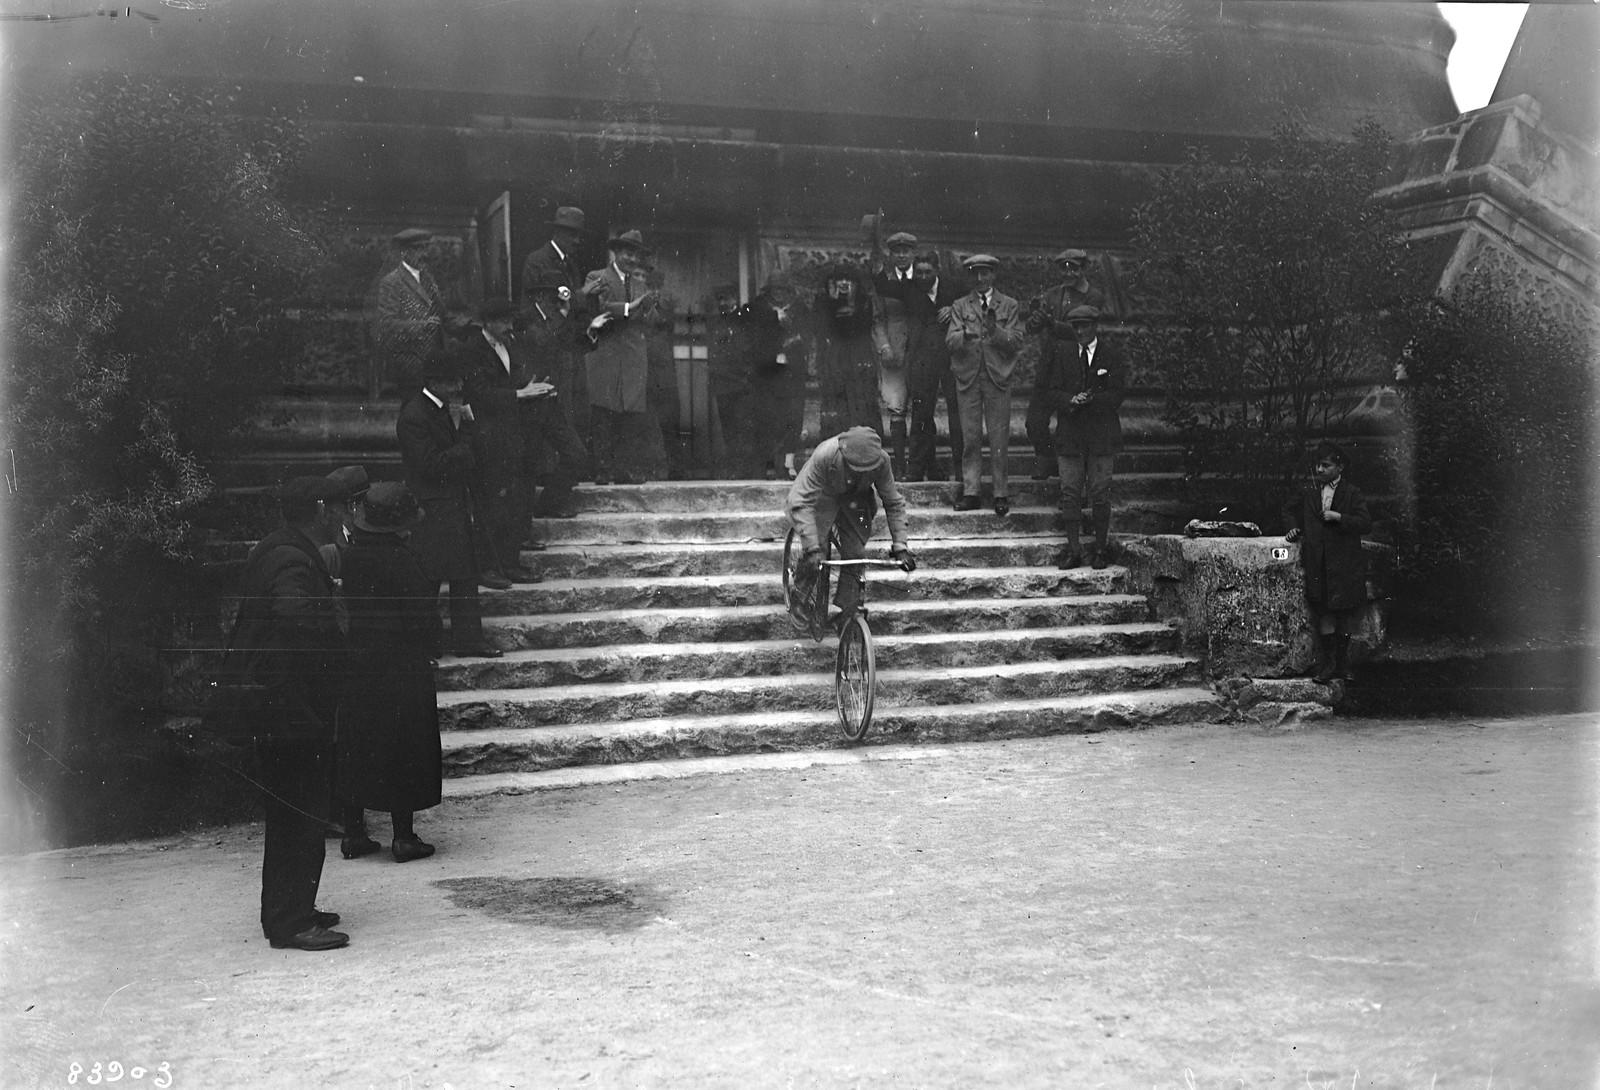 21. 1922. Пьер Лабрик спускается на велосипеде с 1-го этажа Эйфелевой башни  (3)